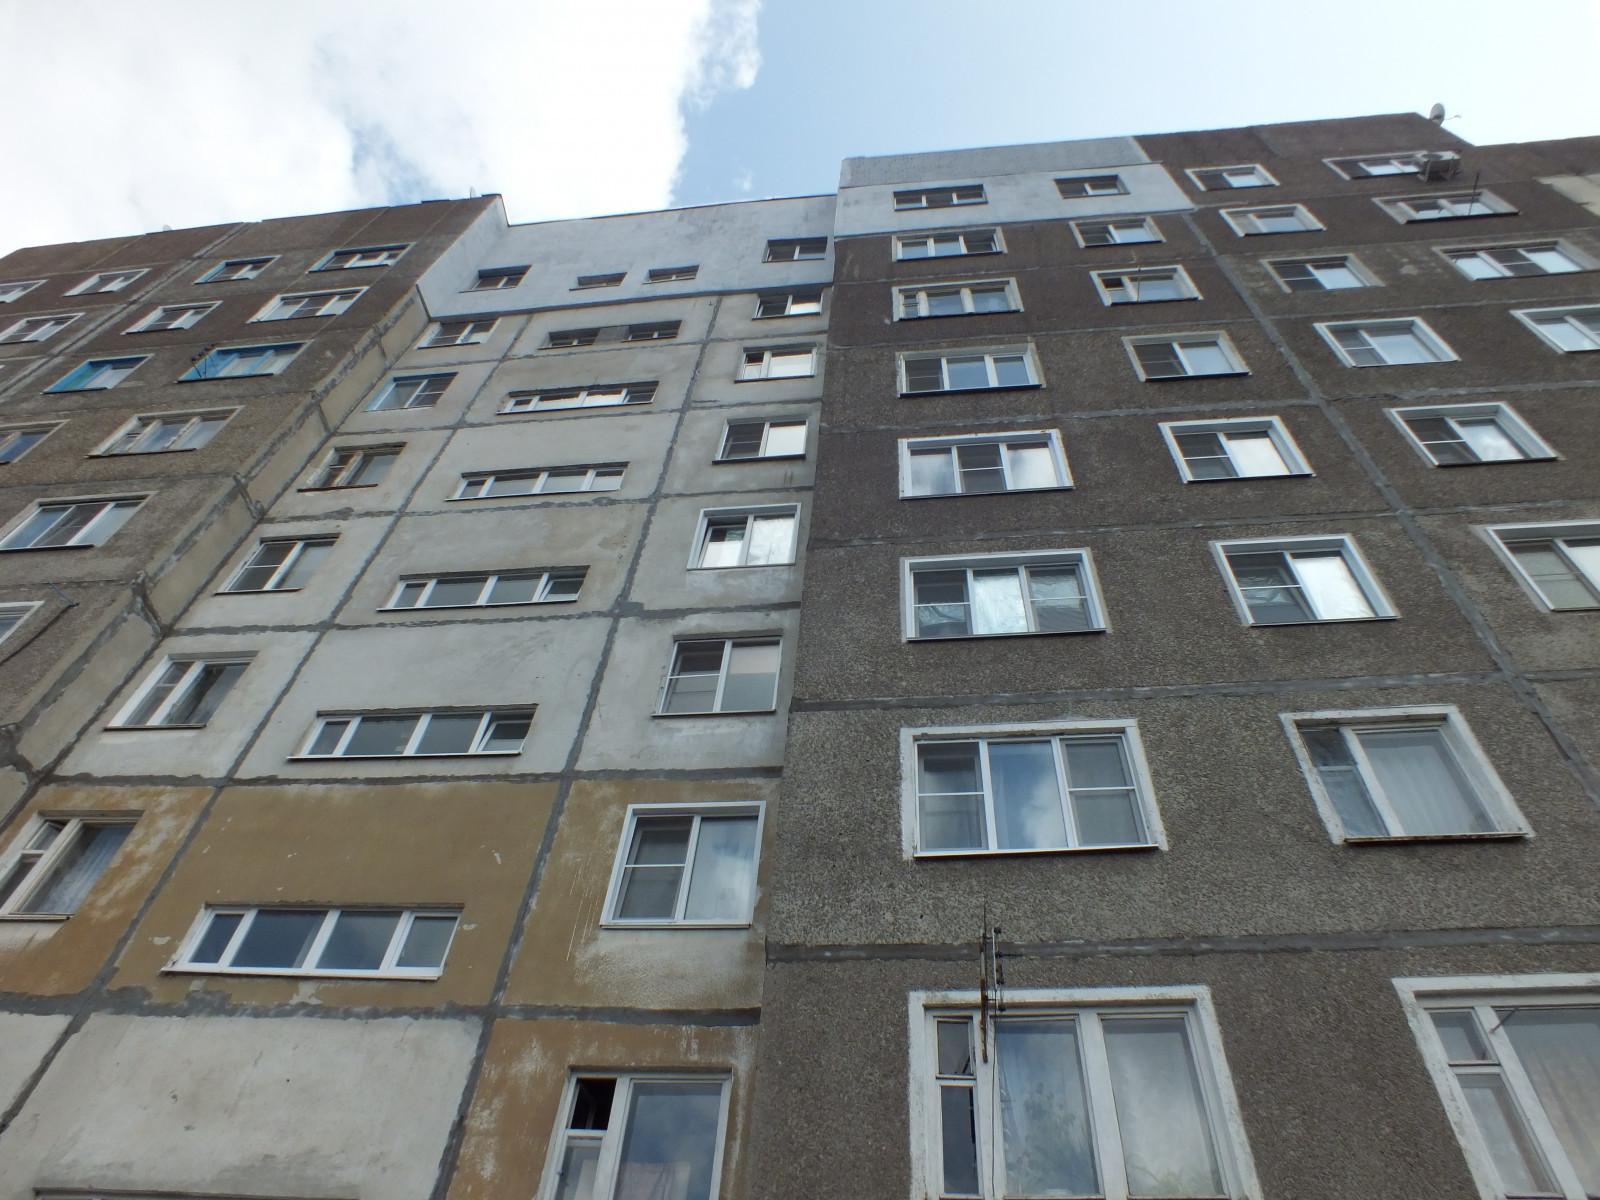 Ремонтно-восстановительные работы в жилом доме, пострадавшем от взрыва бытового газа в Моршанске, завершаются